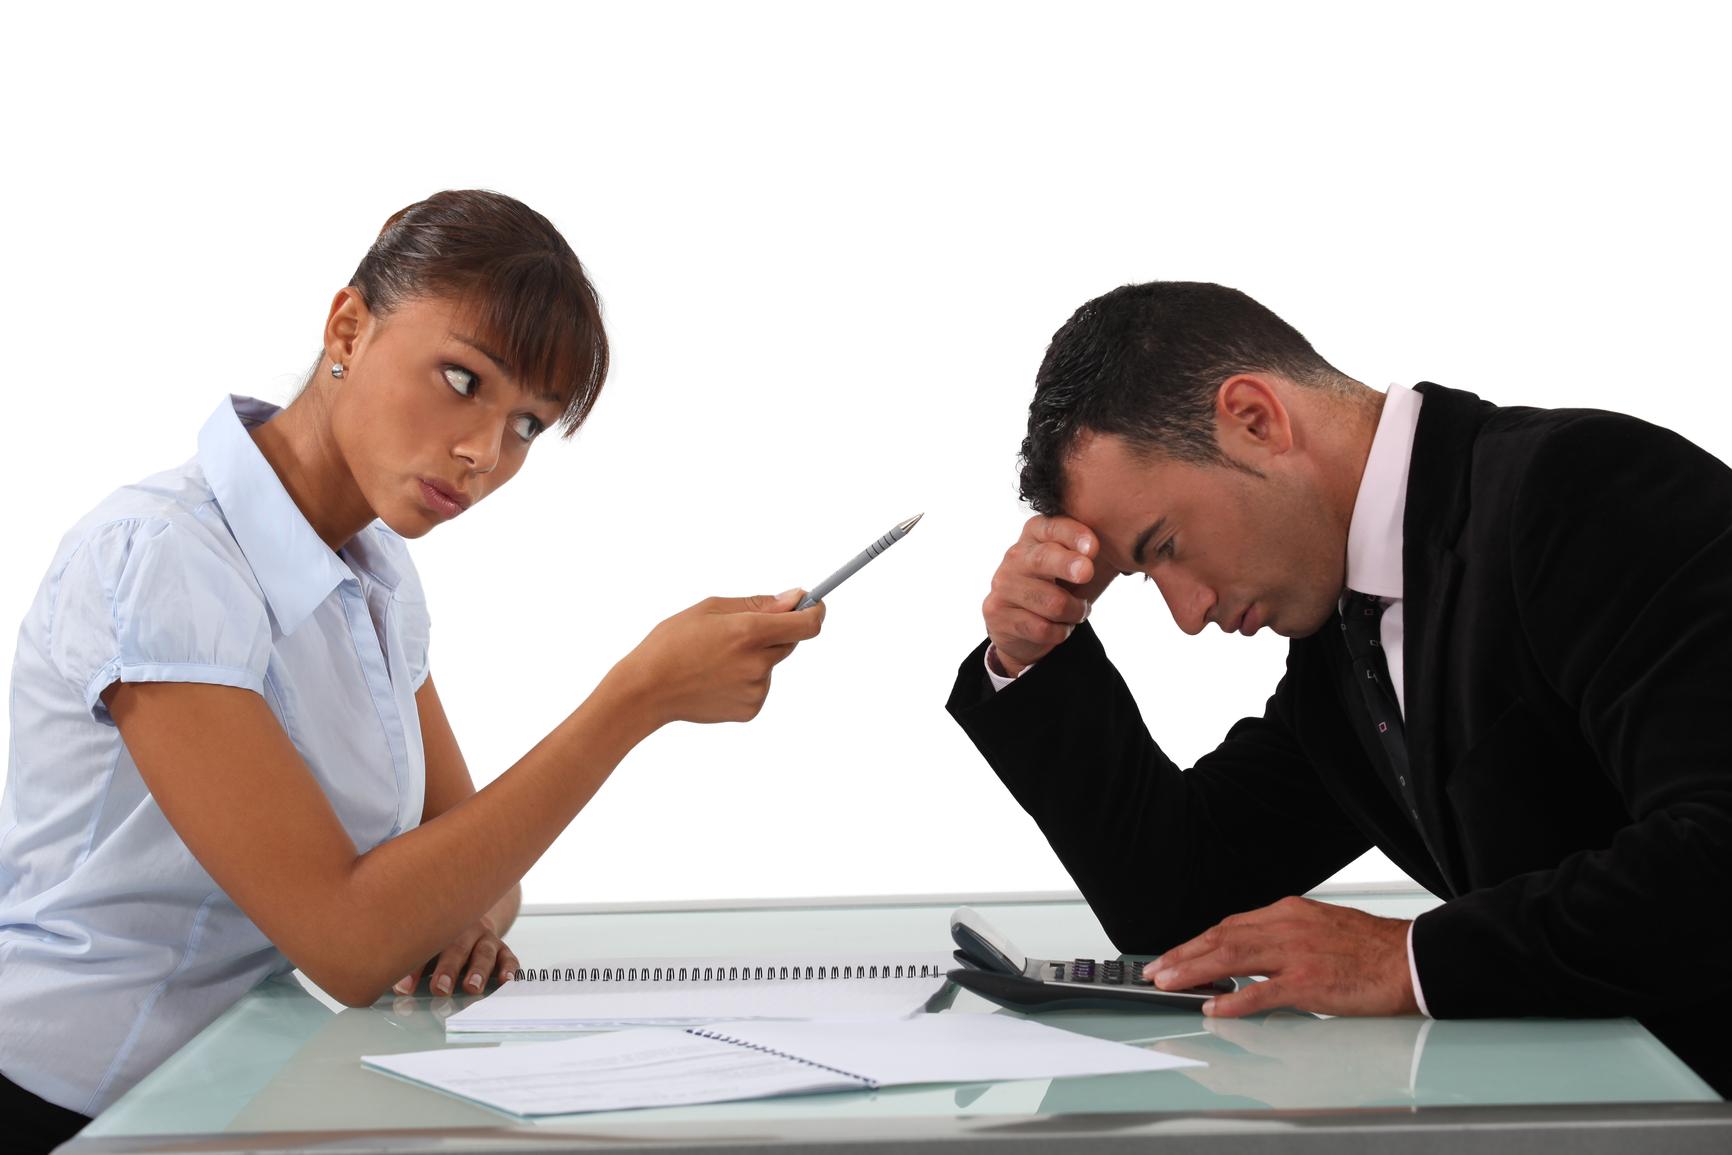 Приказ на дисциплинарное бухгалтеру за невыплату компенсации в доу